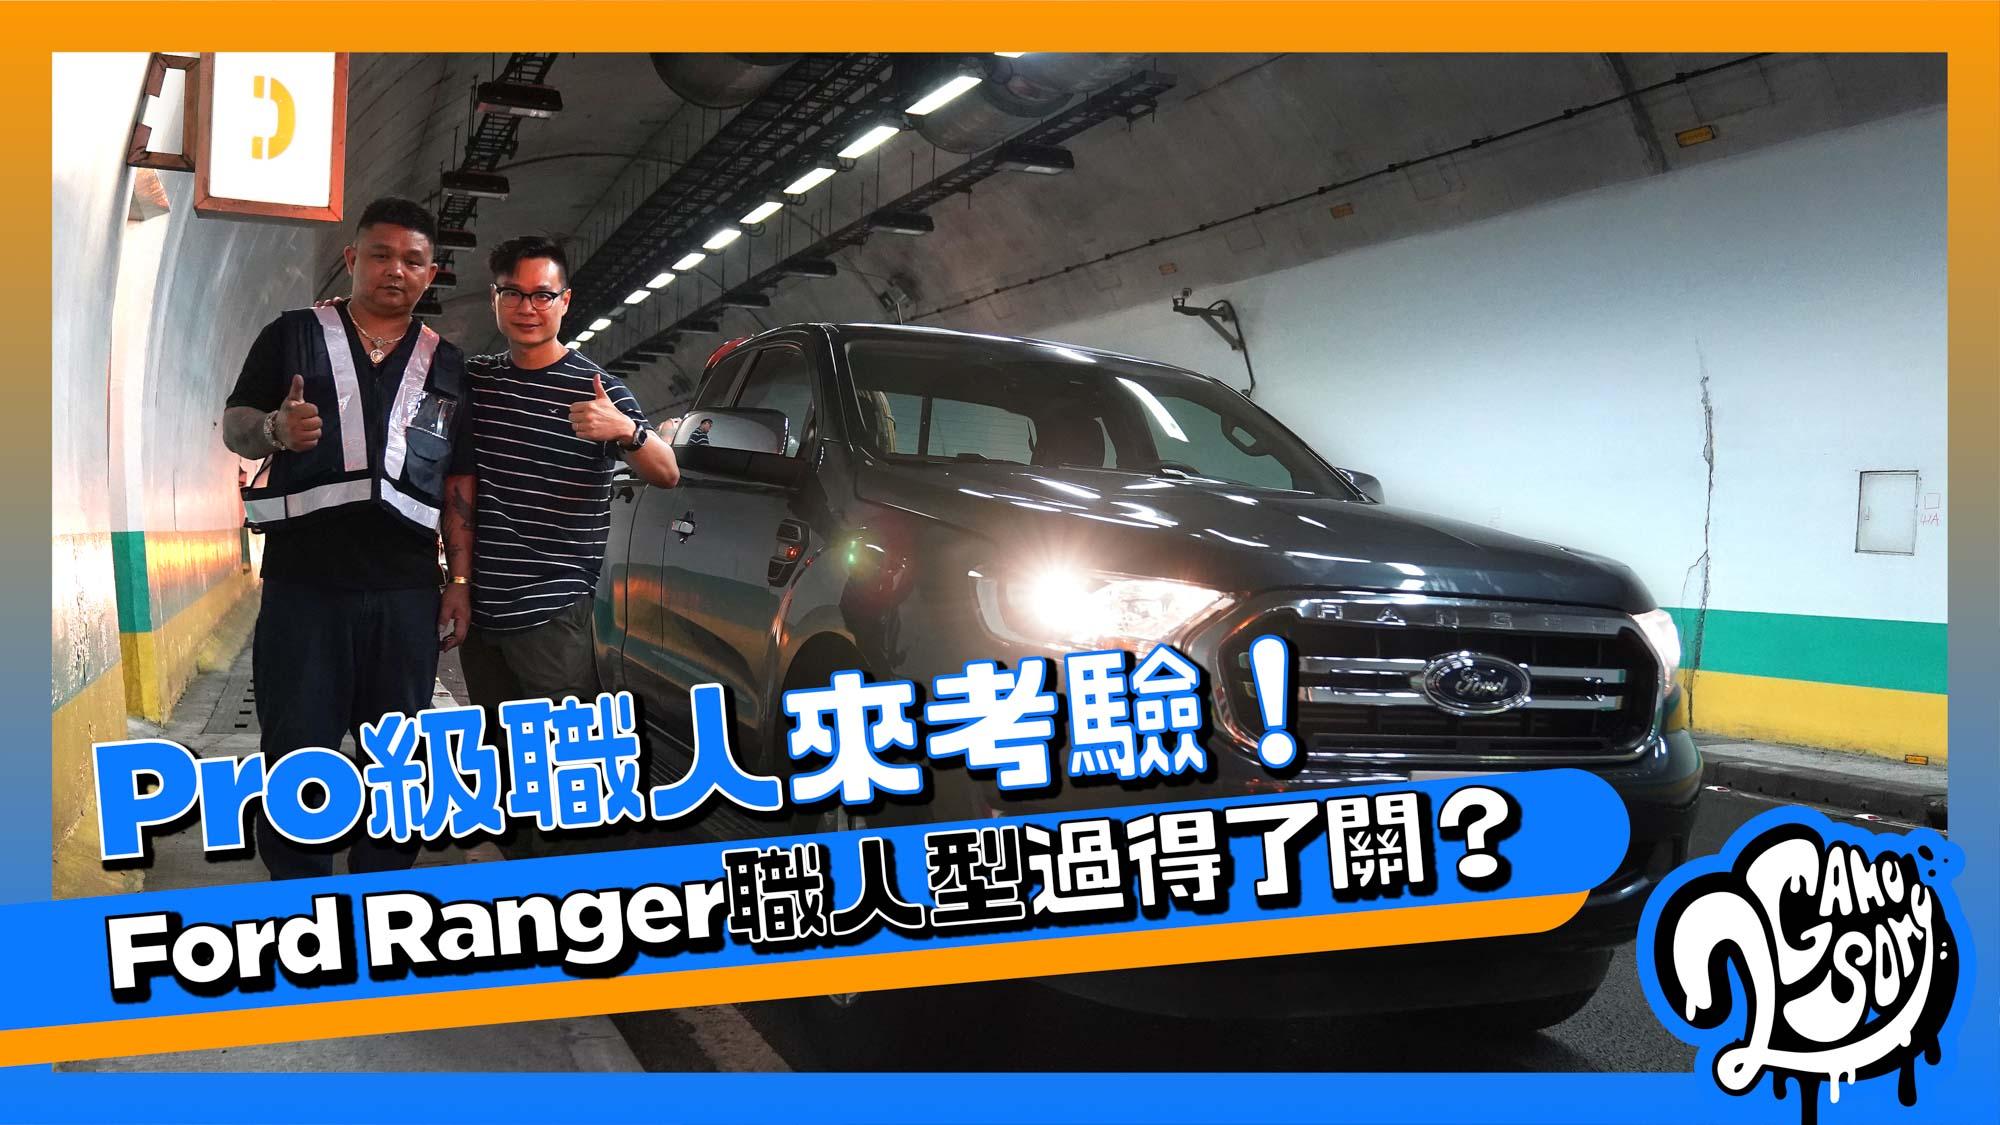 Ford Ranger 職人型禁得起操嗎?Pro 級職人來考驗!